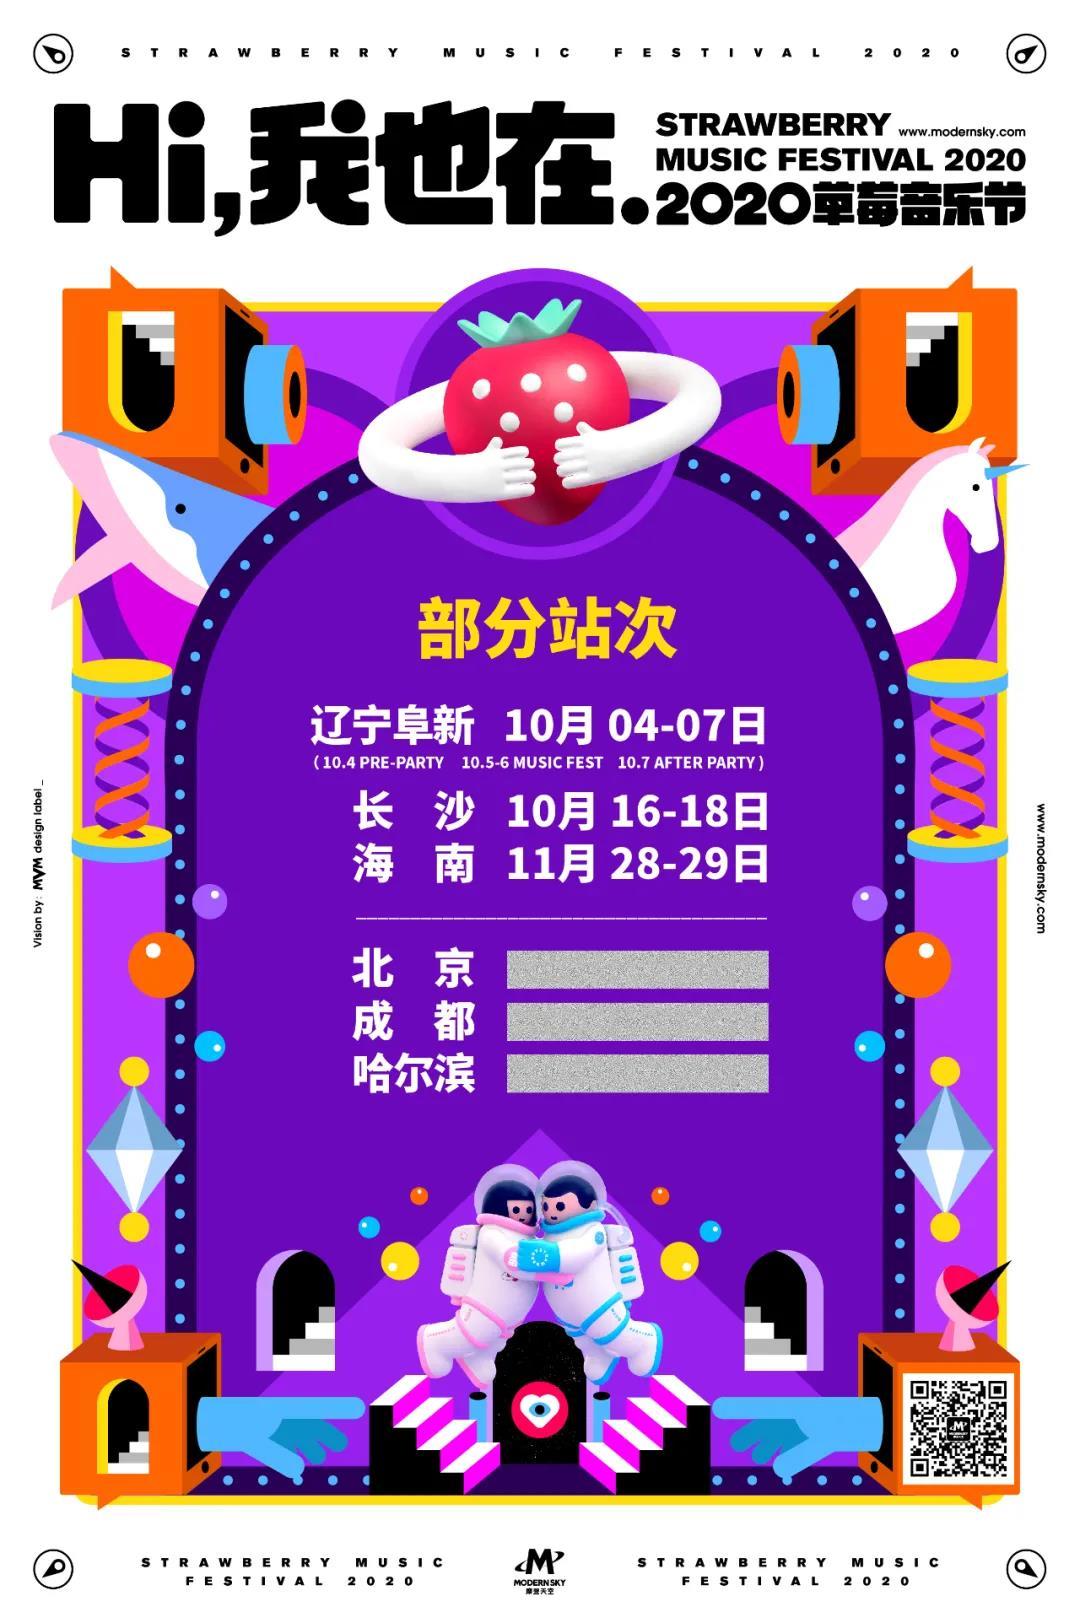 2020年草莓音乐节回归,首批公布北京、成都等六站演出